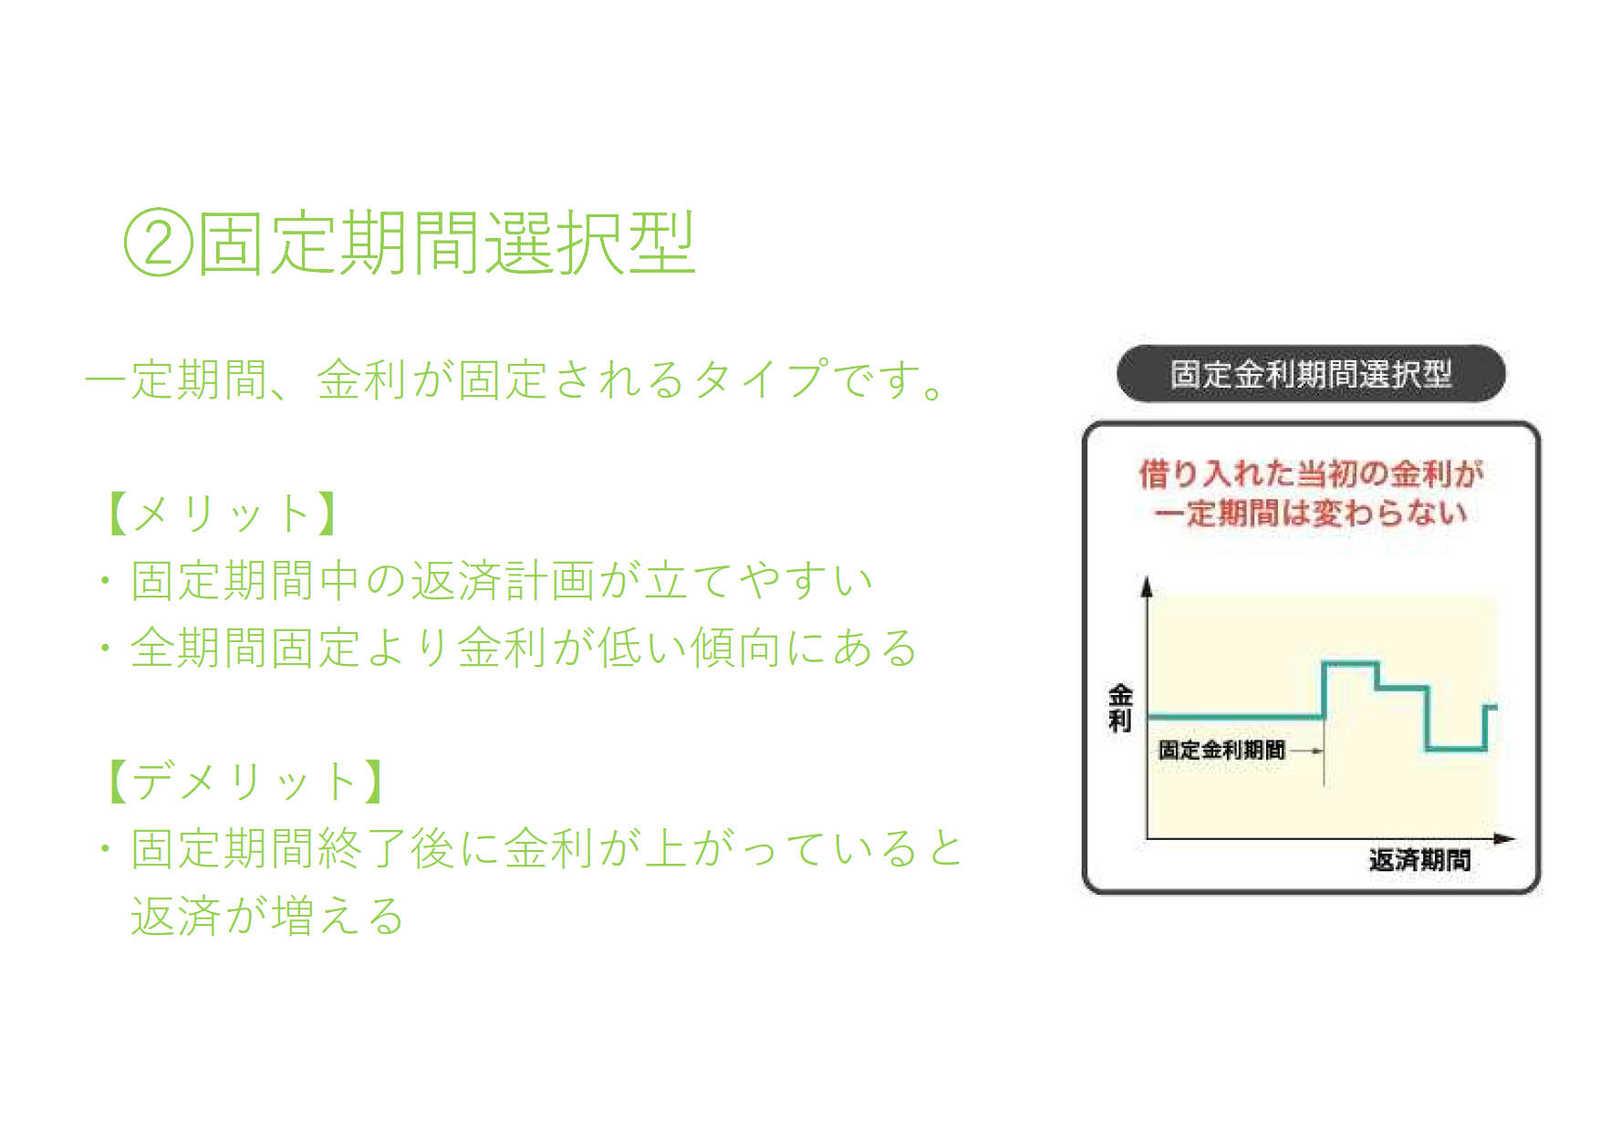 期間選択型.jpg